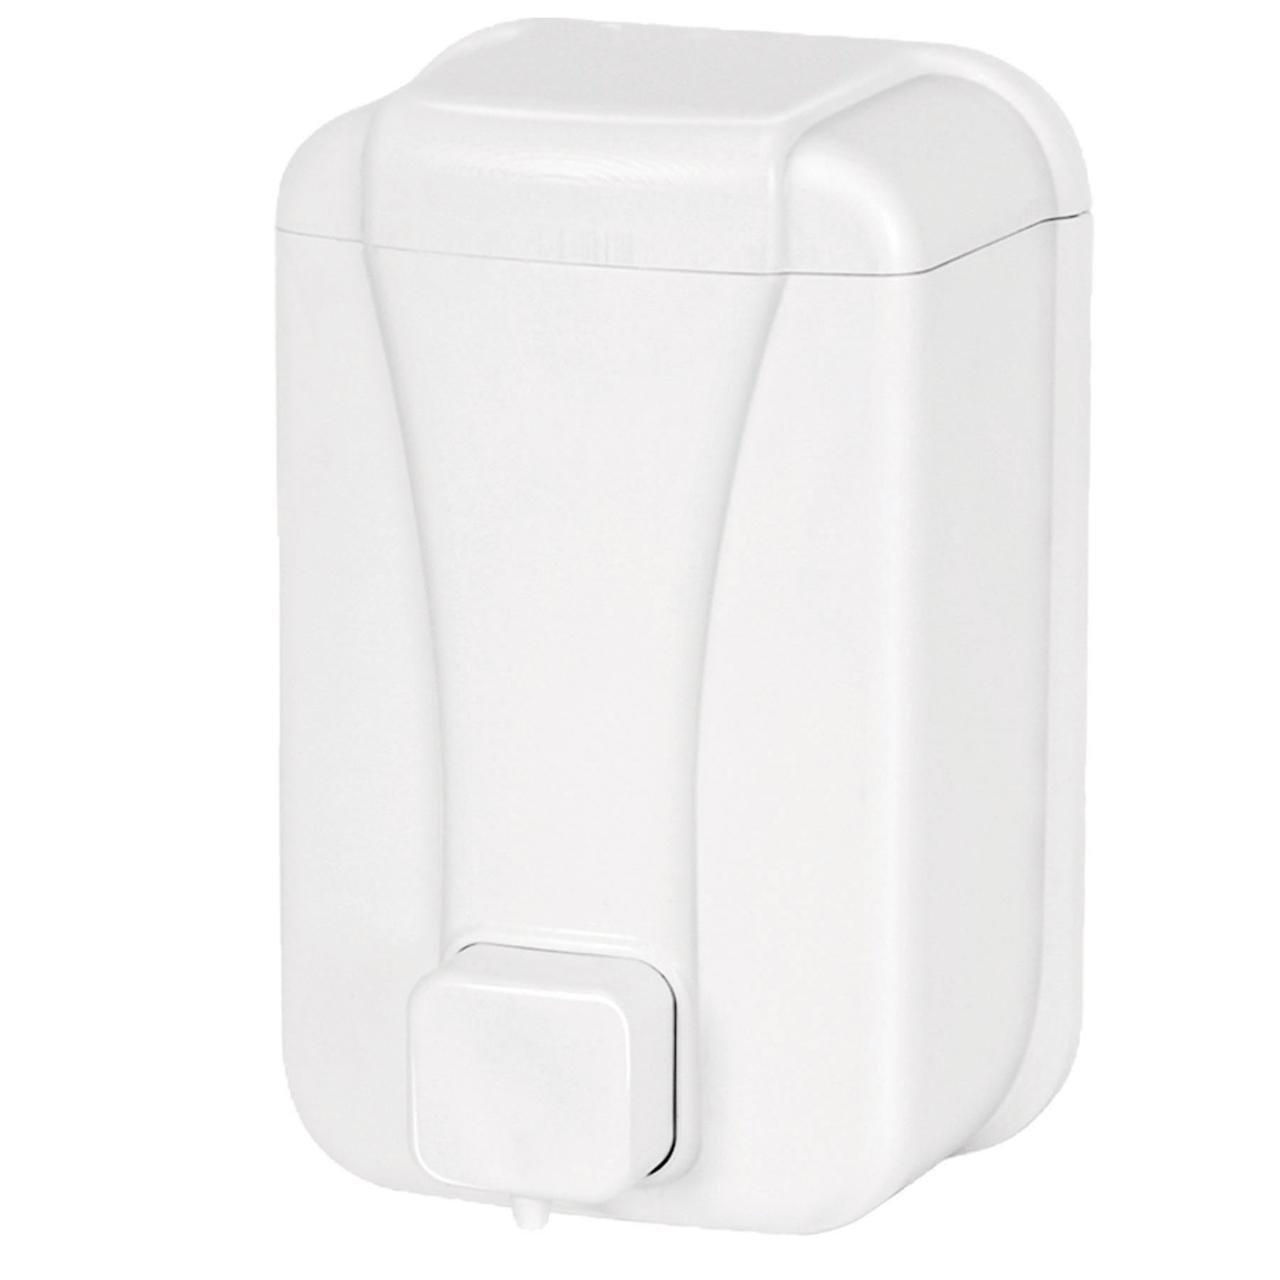 Диспенсер для жидкого мыла 500 мл. белый